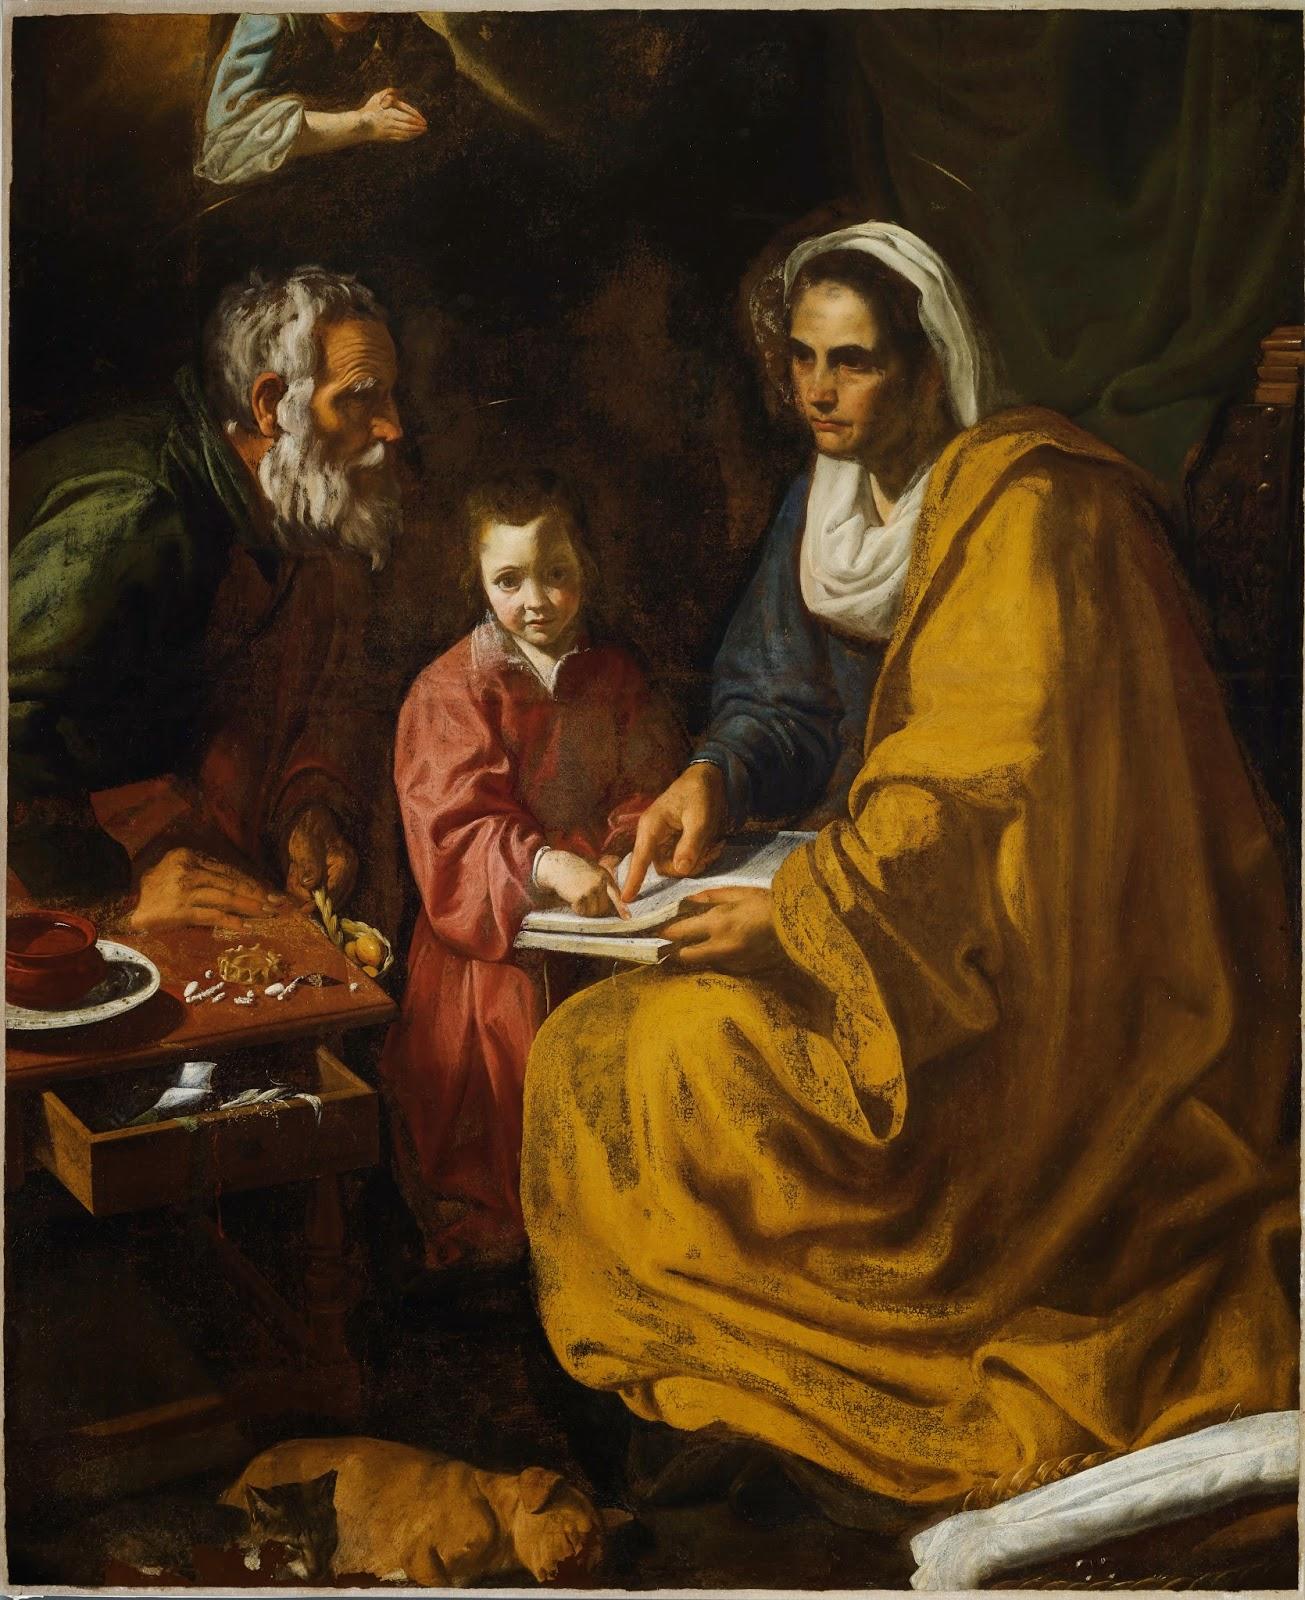 La Educación de la Virgen